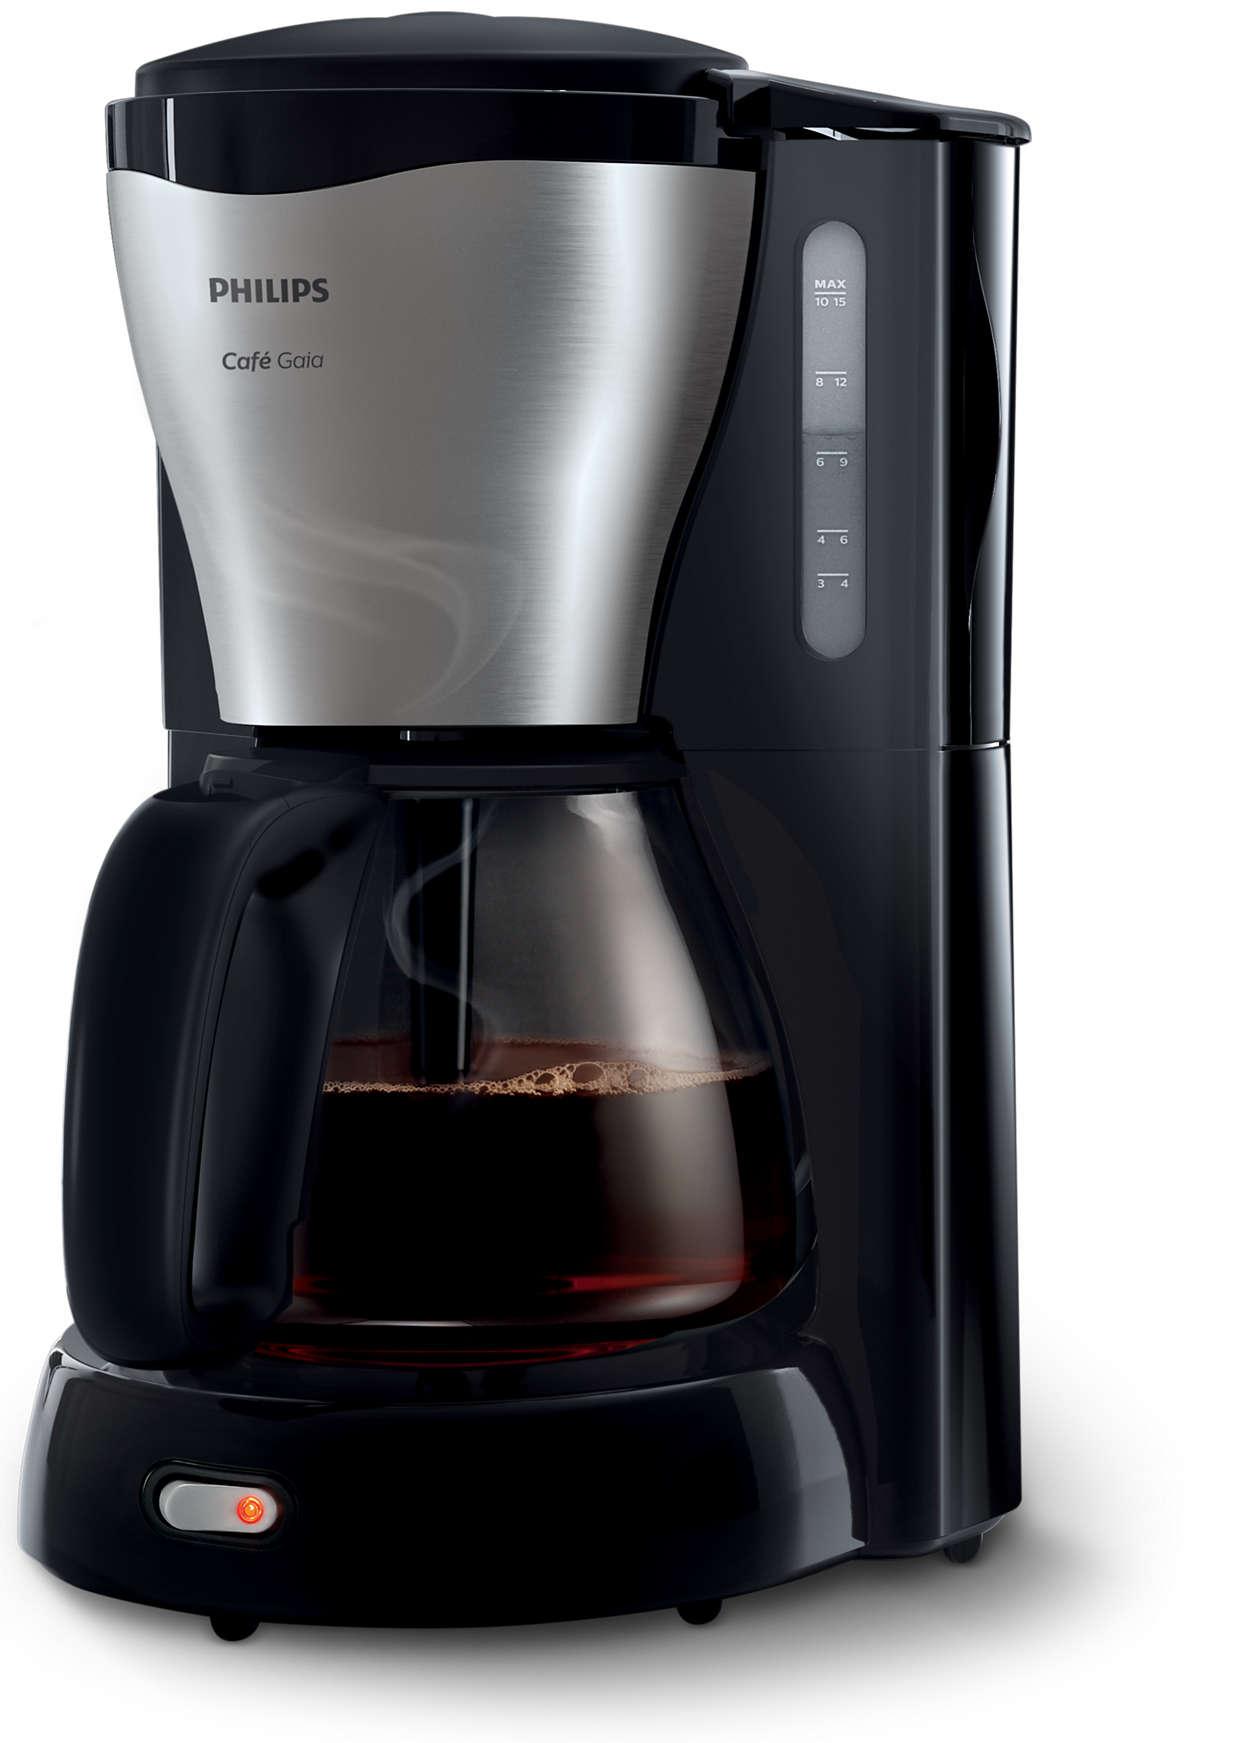 絕對美味的咖啡